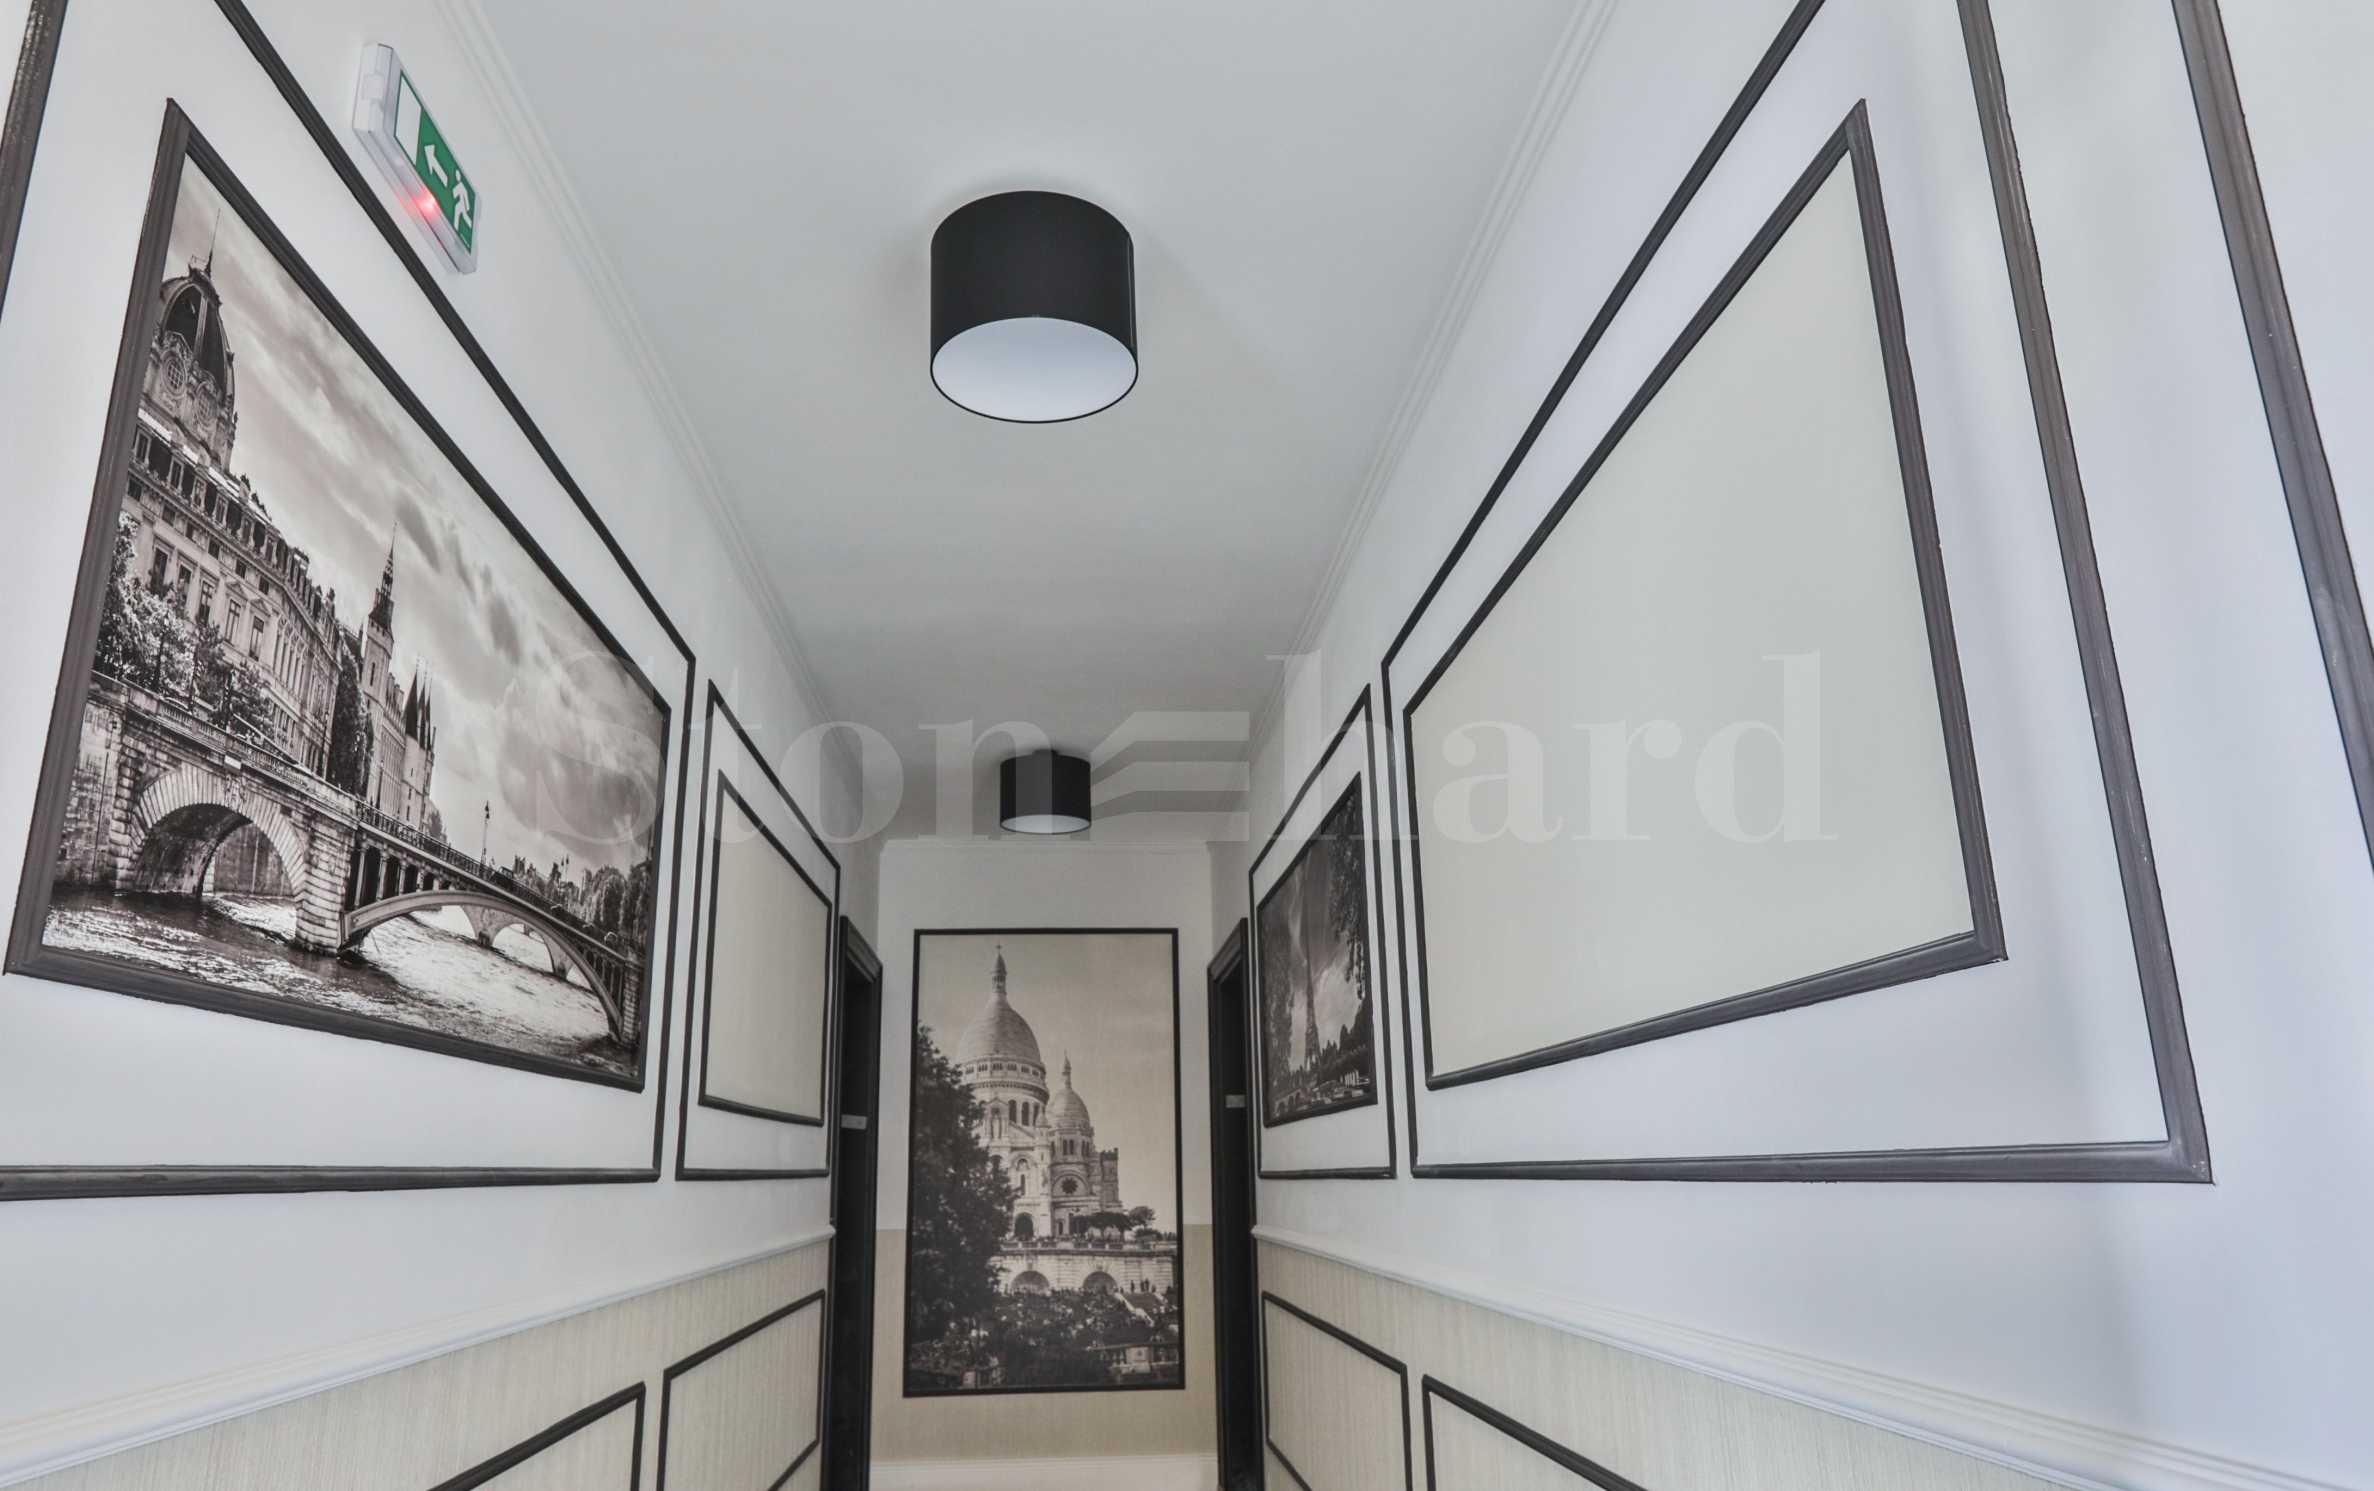 Апартаменти в луксозен комплекс с гледки към морето2 - Stonehard